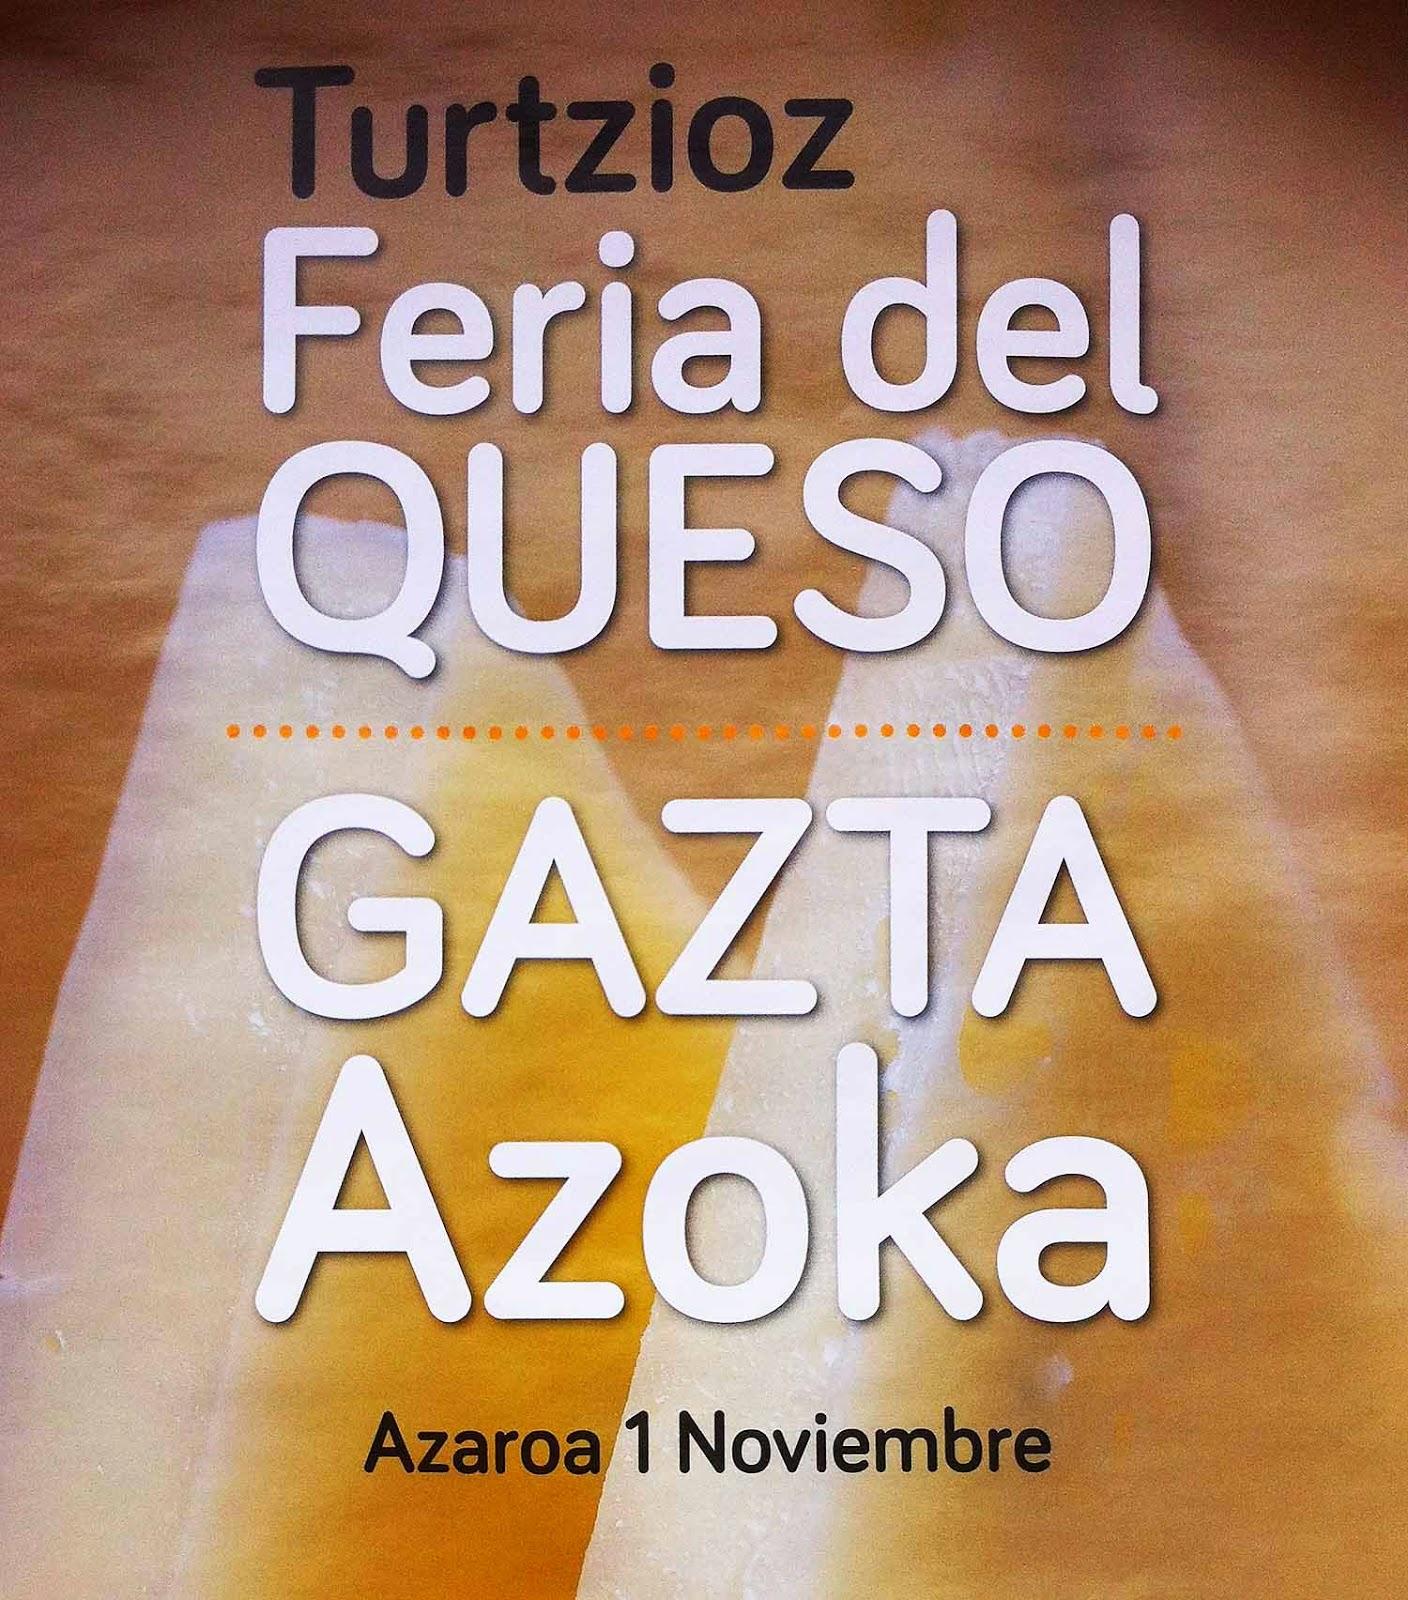 Gazta-Eguna-Trucíos-Turtzios-Cartel